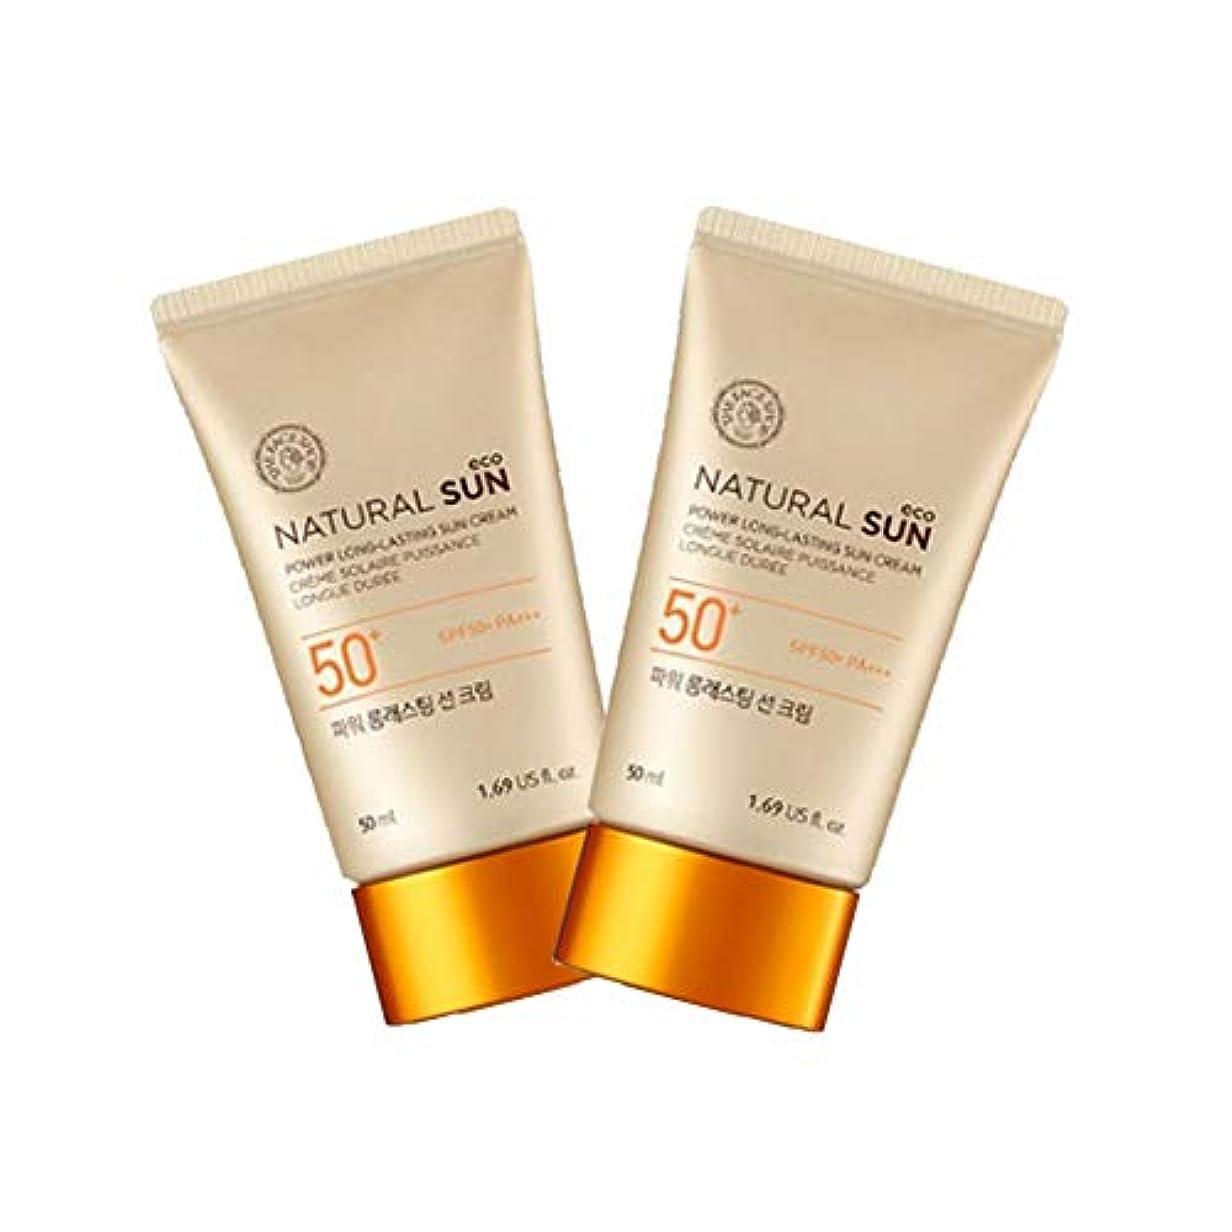 健康食べる謙虚ザ?フェイスショップナチュラルサンエコパワーロングラスティングサンクリーム50mlx2本セット韓国コスメ、The Face Shop Natural Sun Eco Power Long Lasting Sun Cream...